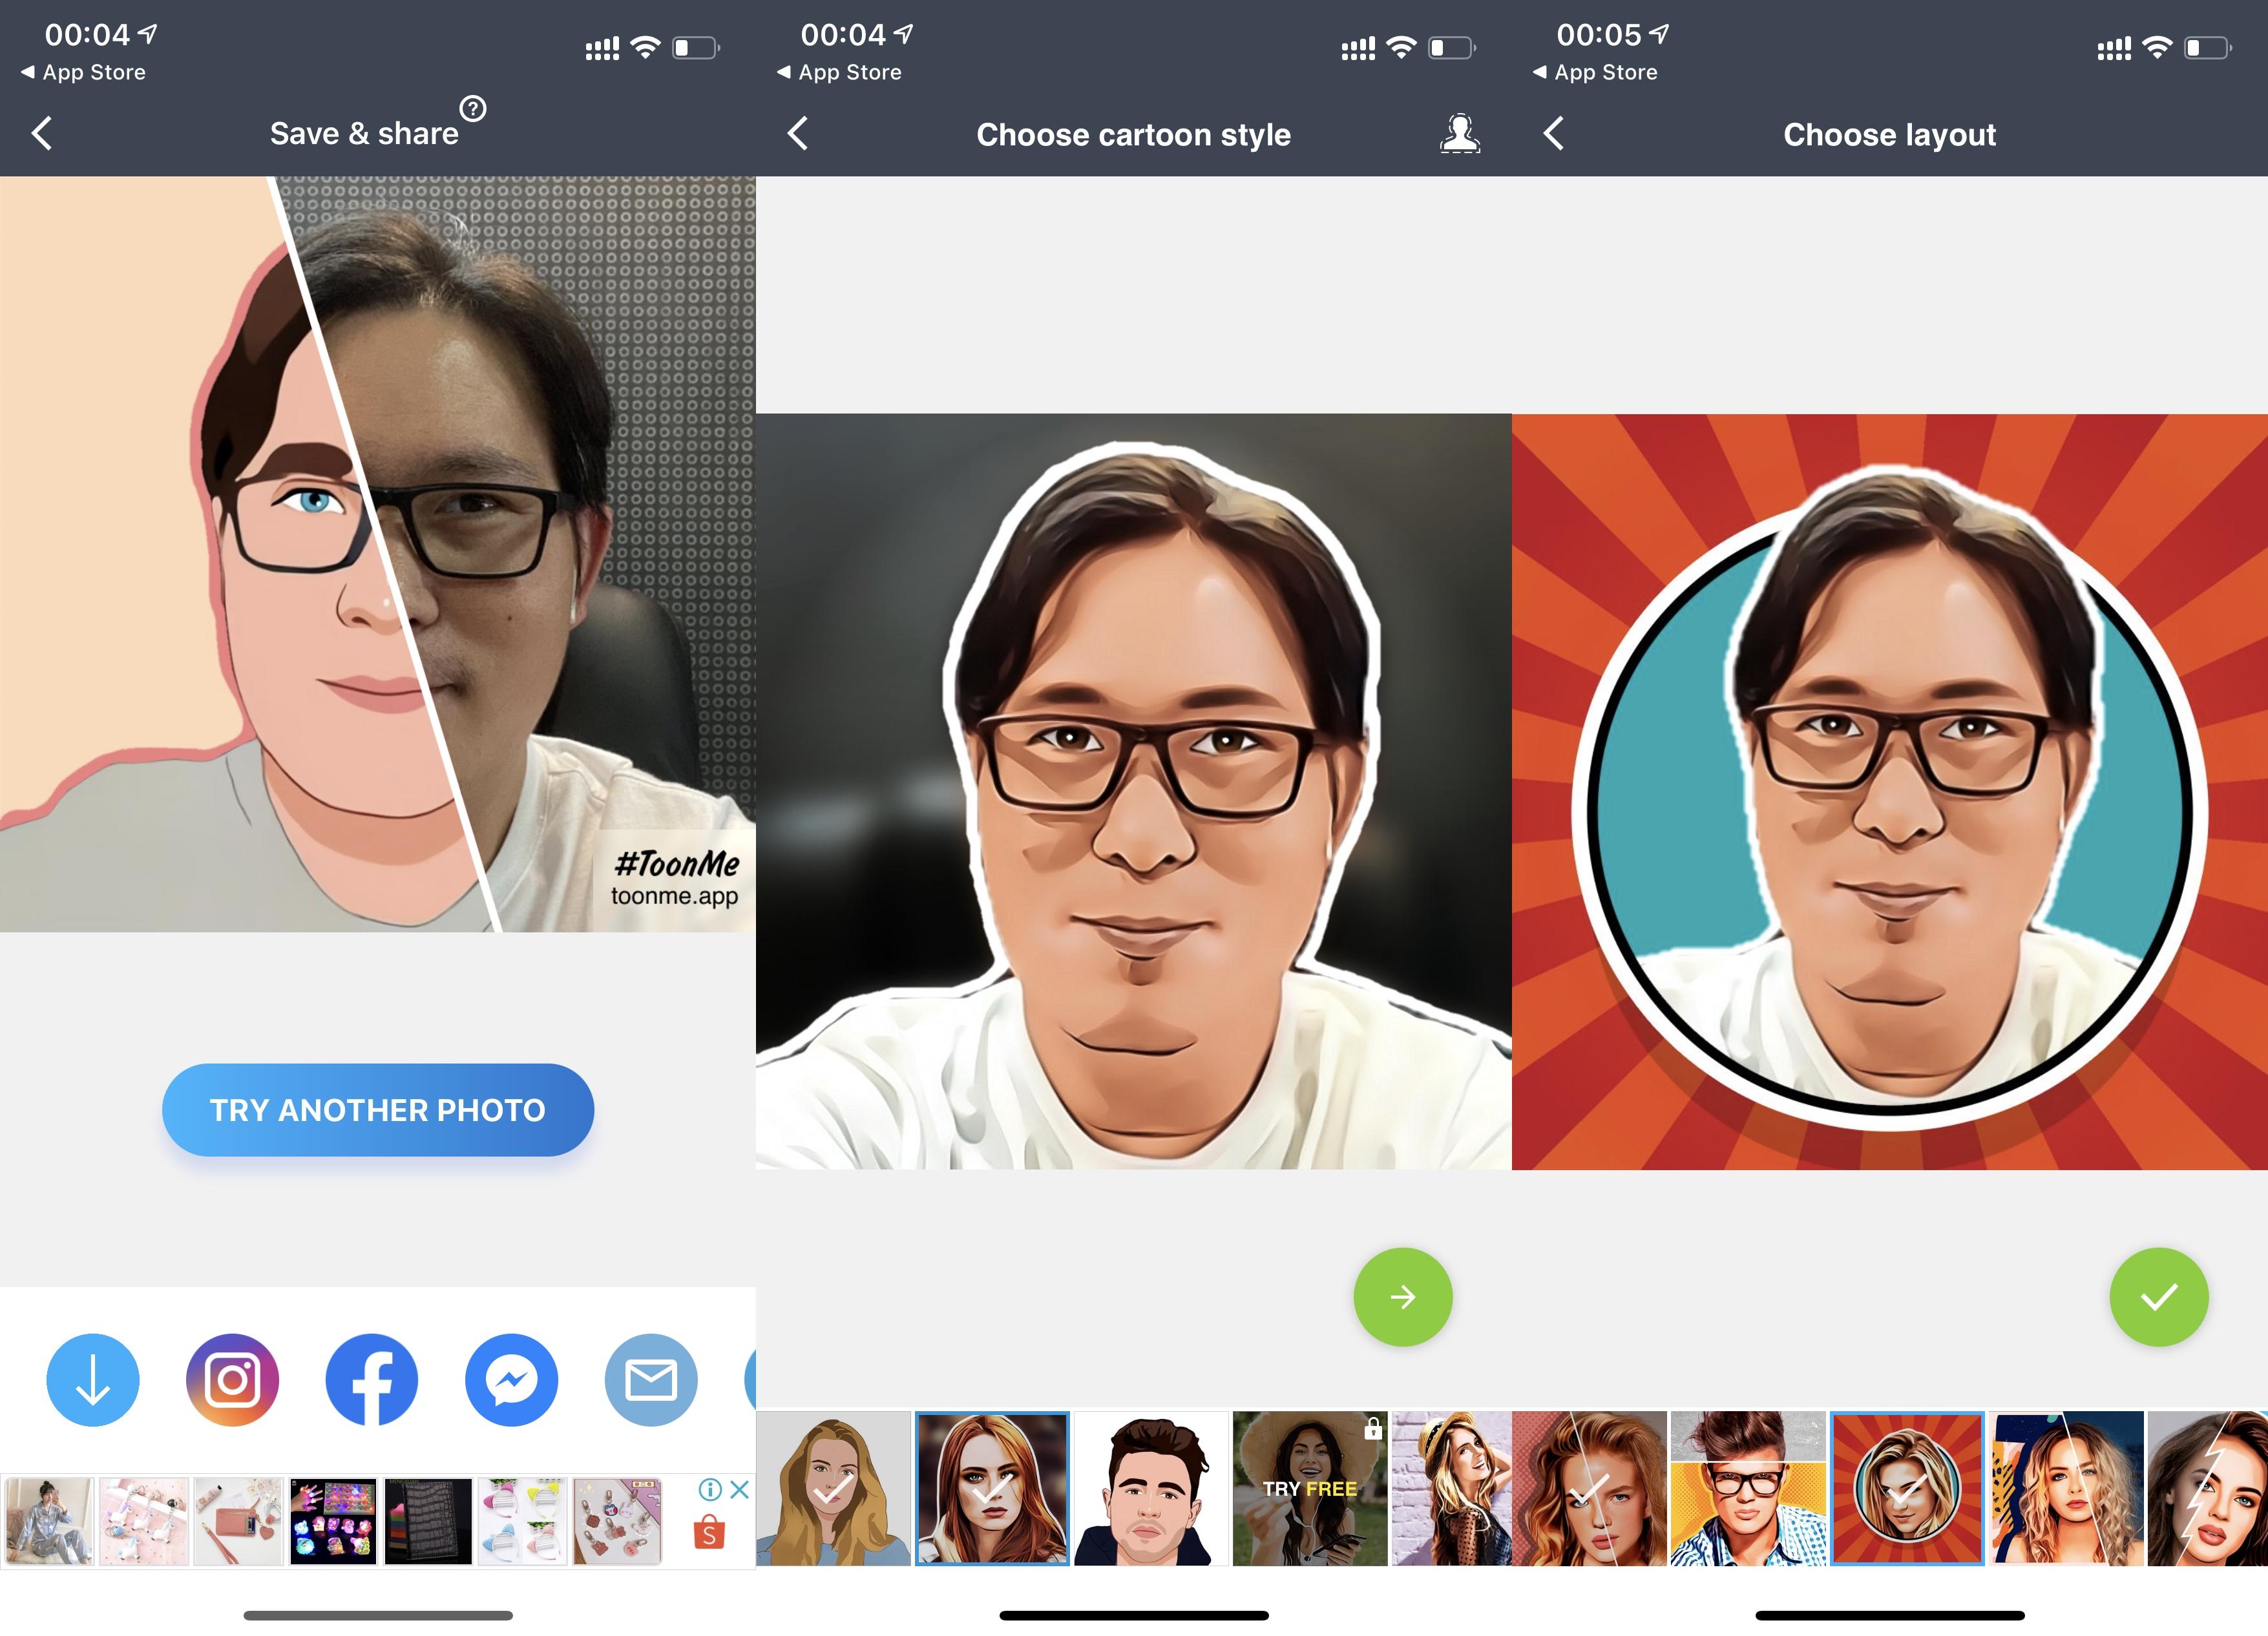 Toonme.com ใช้ AI เปลี่ยนหน้าเป็นการ์ตูนในพริบตา » IAUMReview